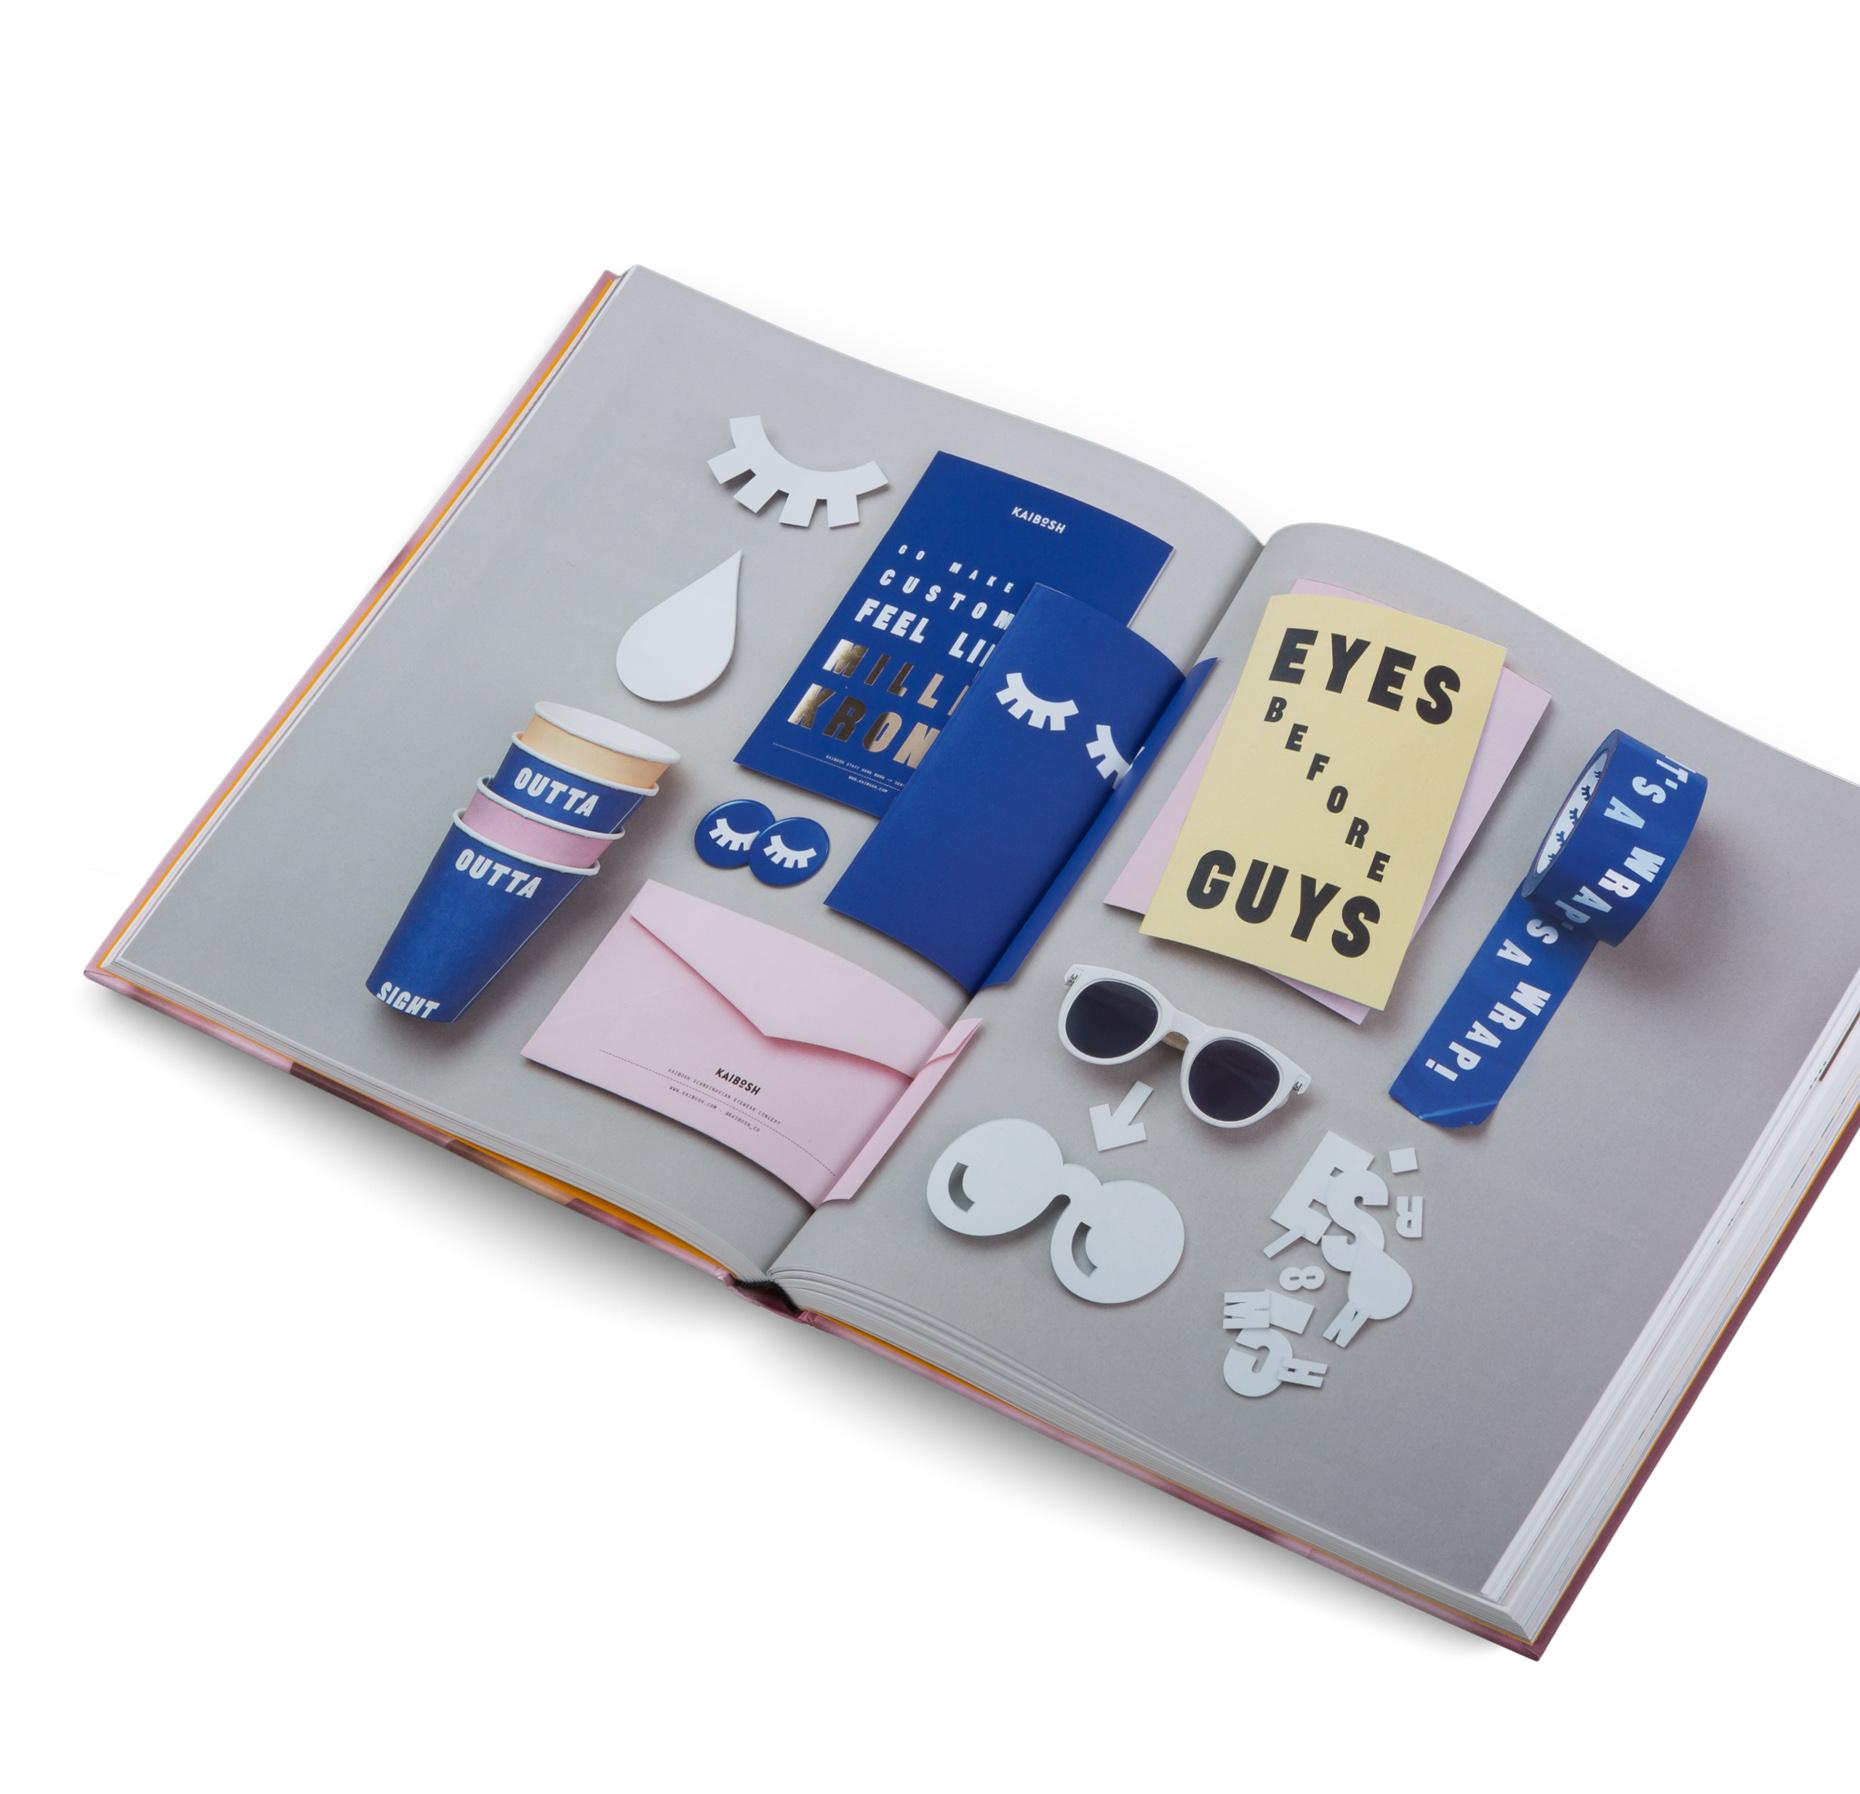 Upstart_graphicdesign_branding_book_logo_gestalten_inside2_2000xkopie.jpg